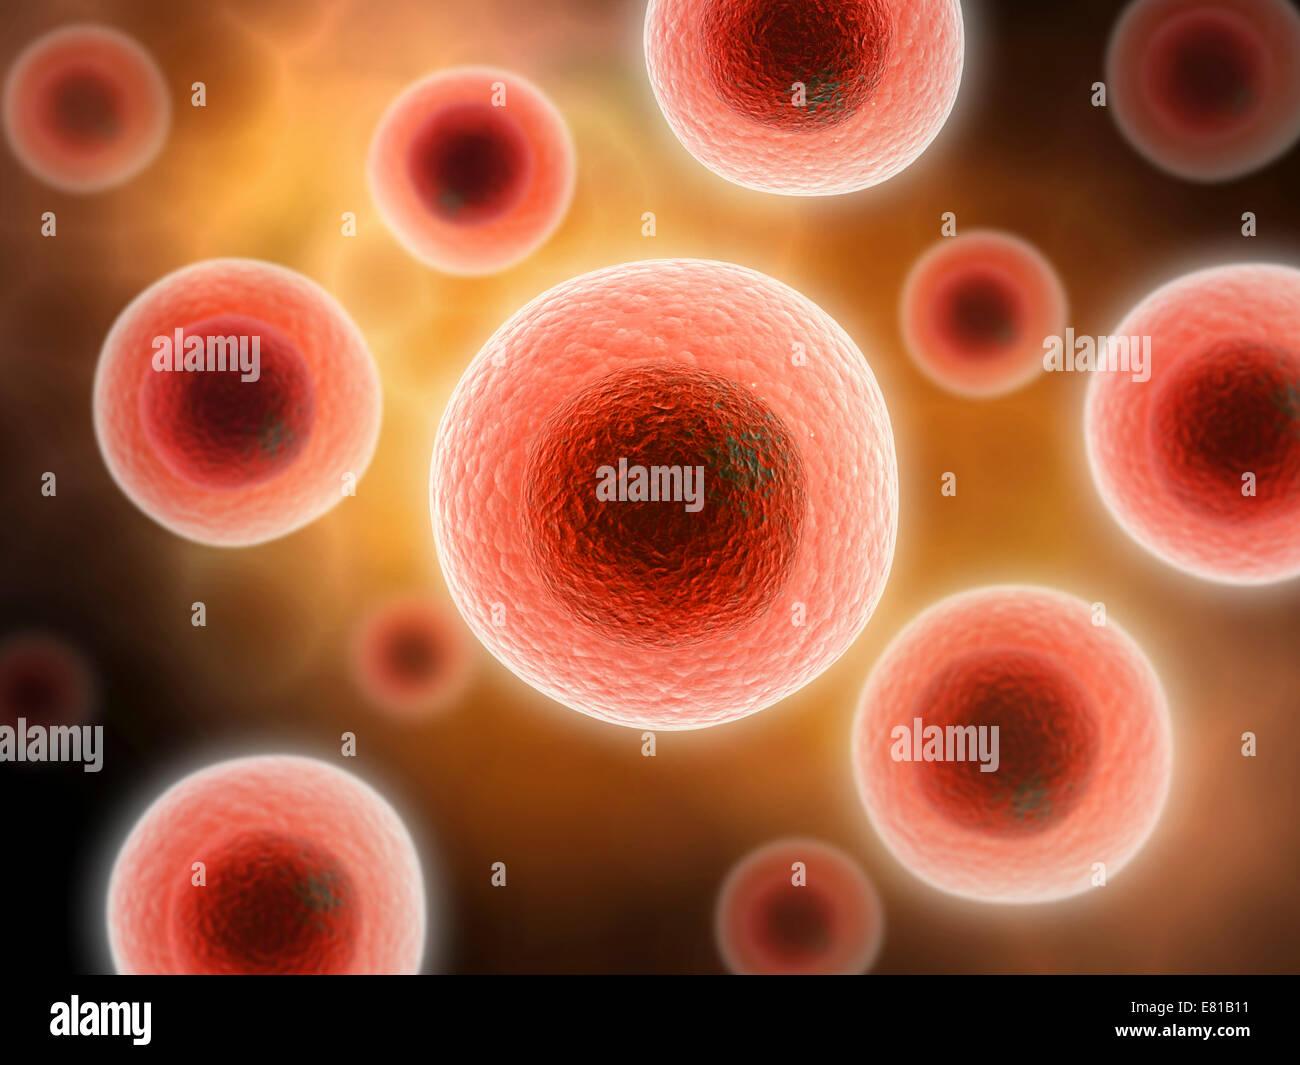 Vue microscopique de la cellule. Photo Stock